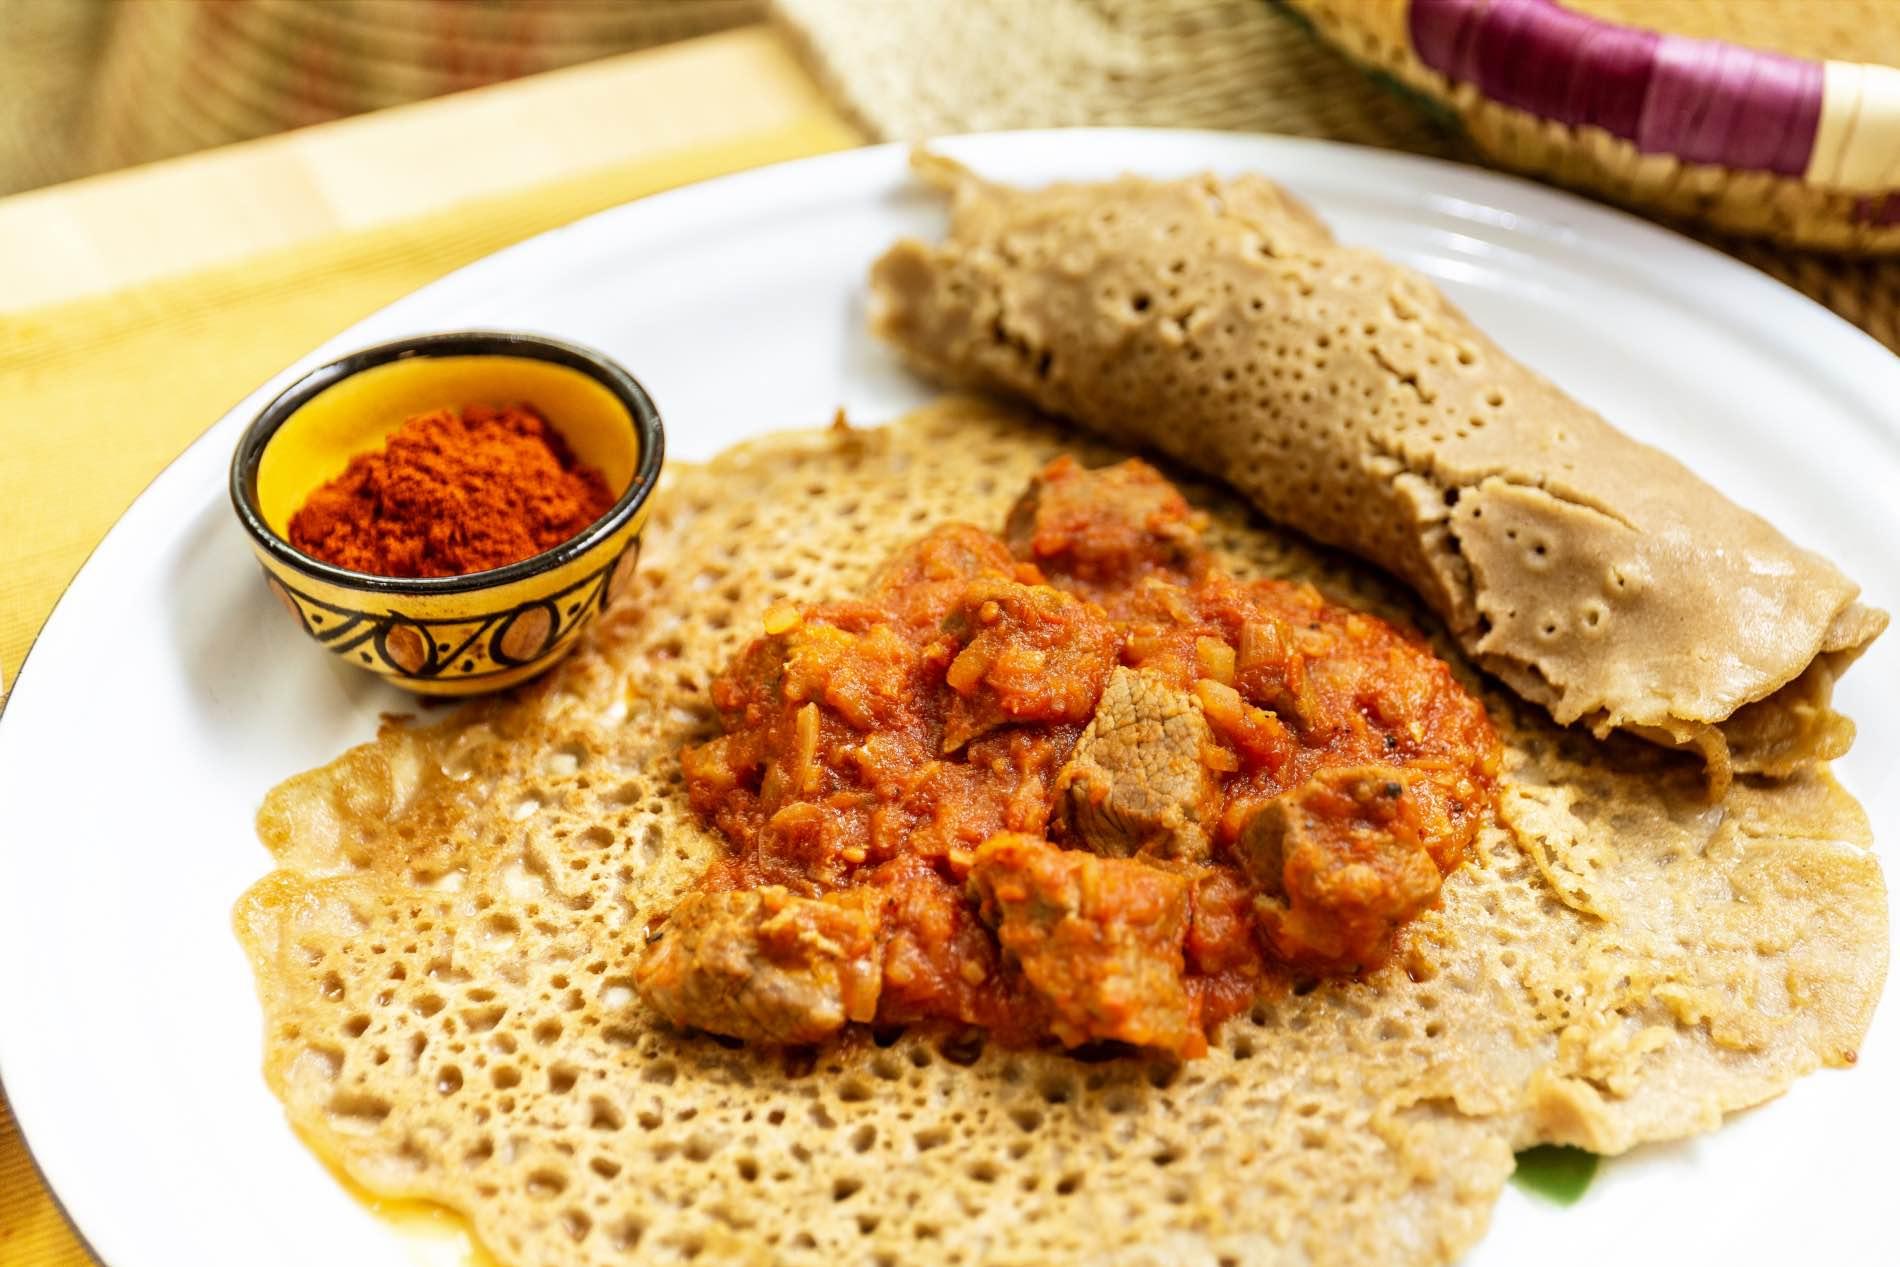 Habesha Food Schmorfleisch MG 3891